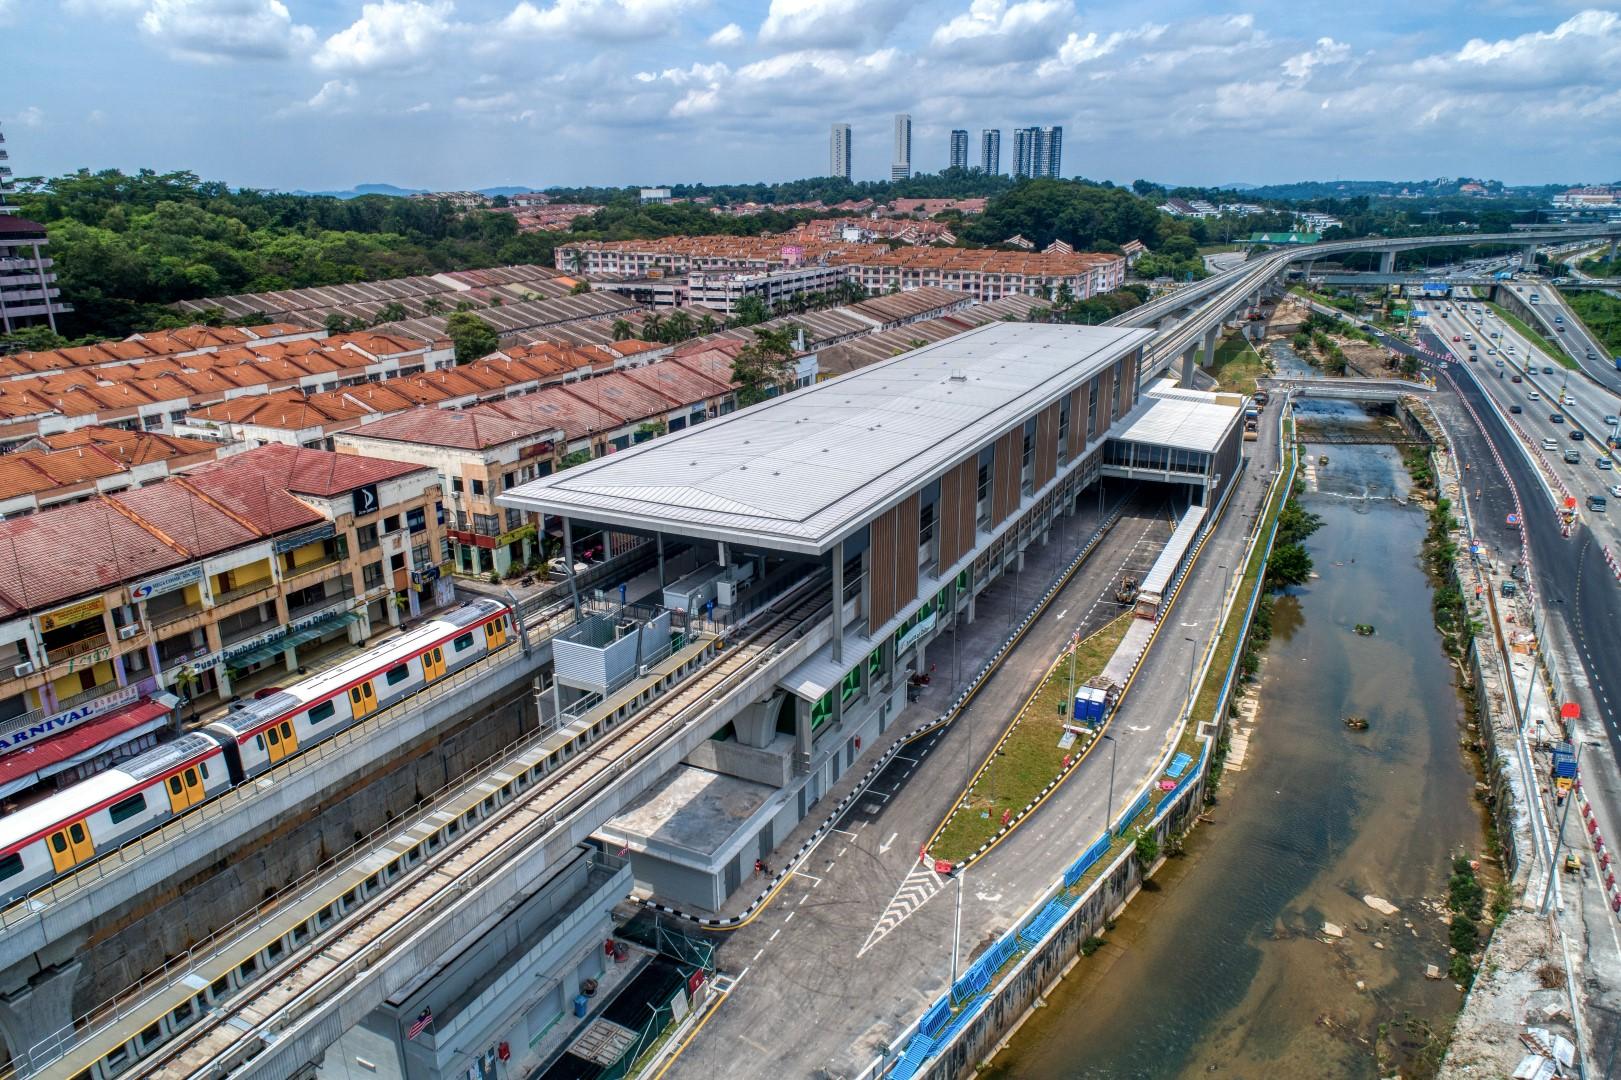 Pandangan udara Stesen MRT Damansara Damai menunjukkan kerja-kerja pengeturfan dan dinding A5 sedang dijalankan.